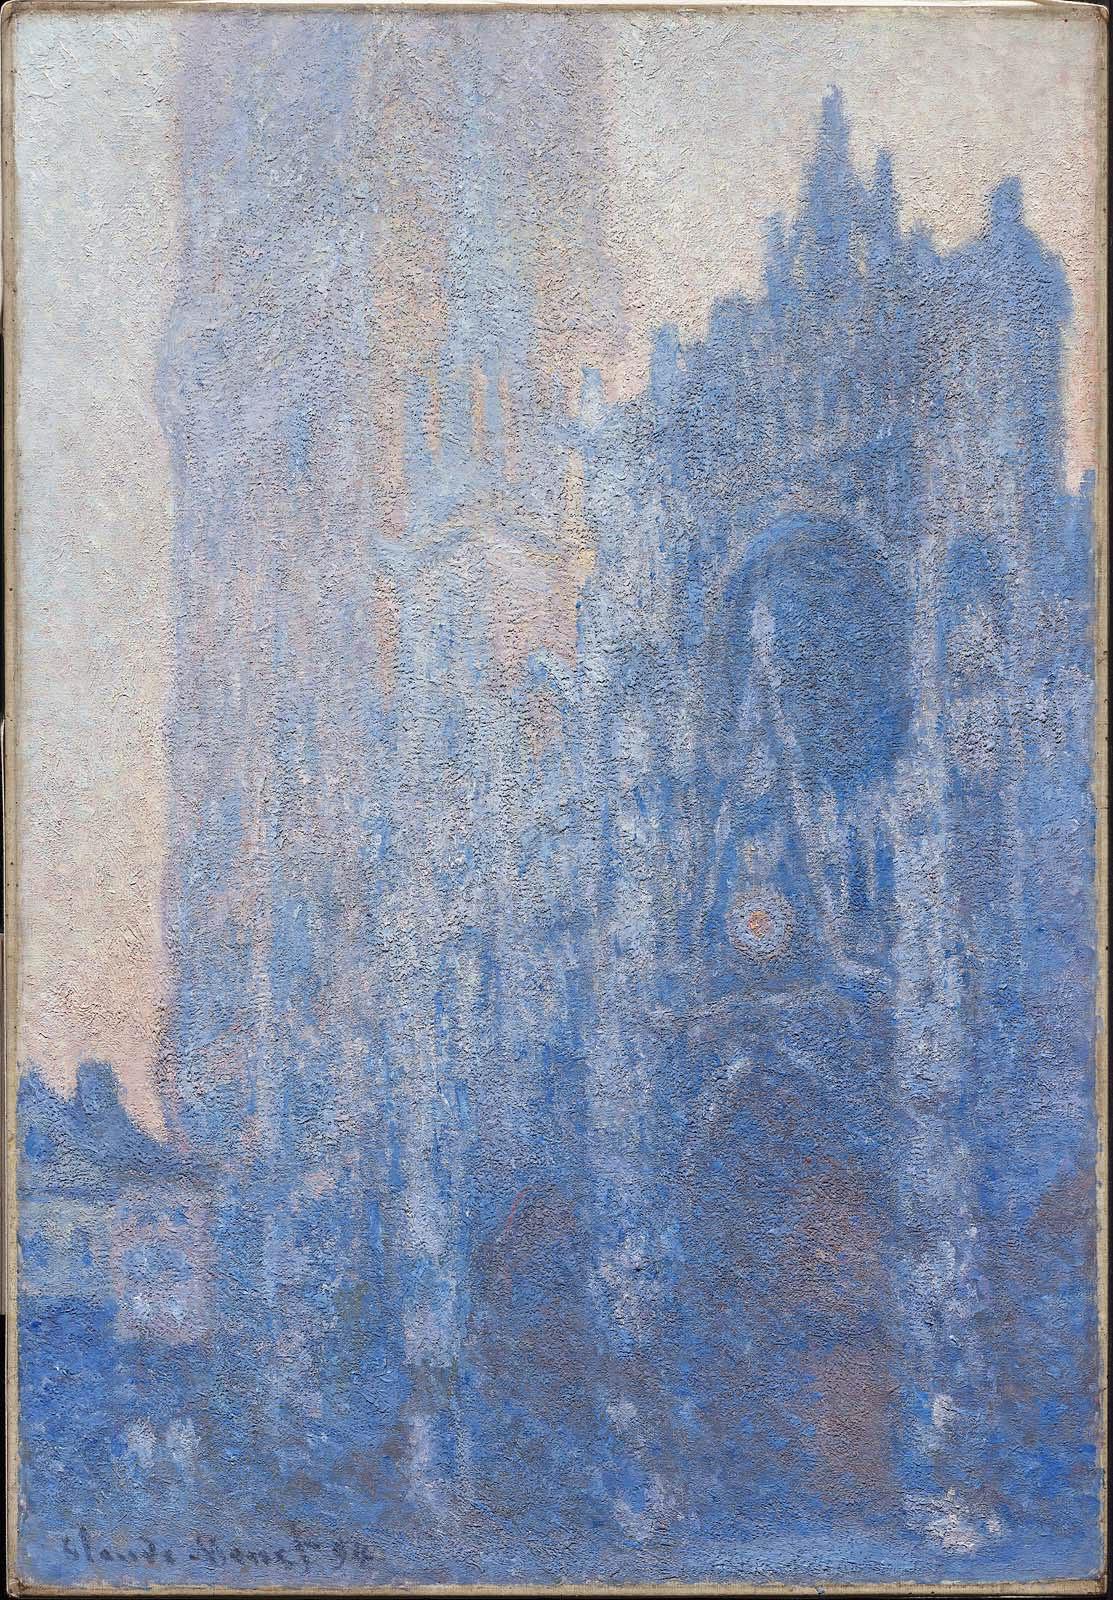 La catedral de Rouen por Monet